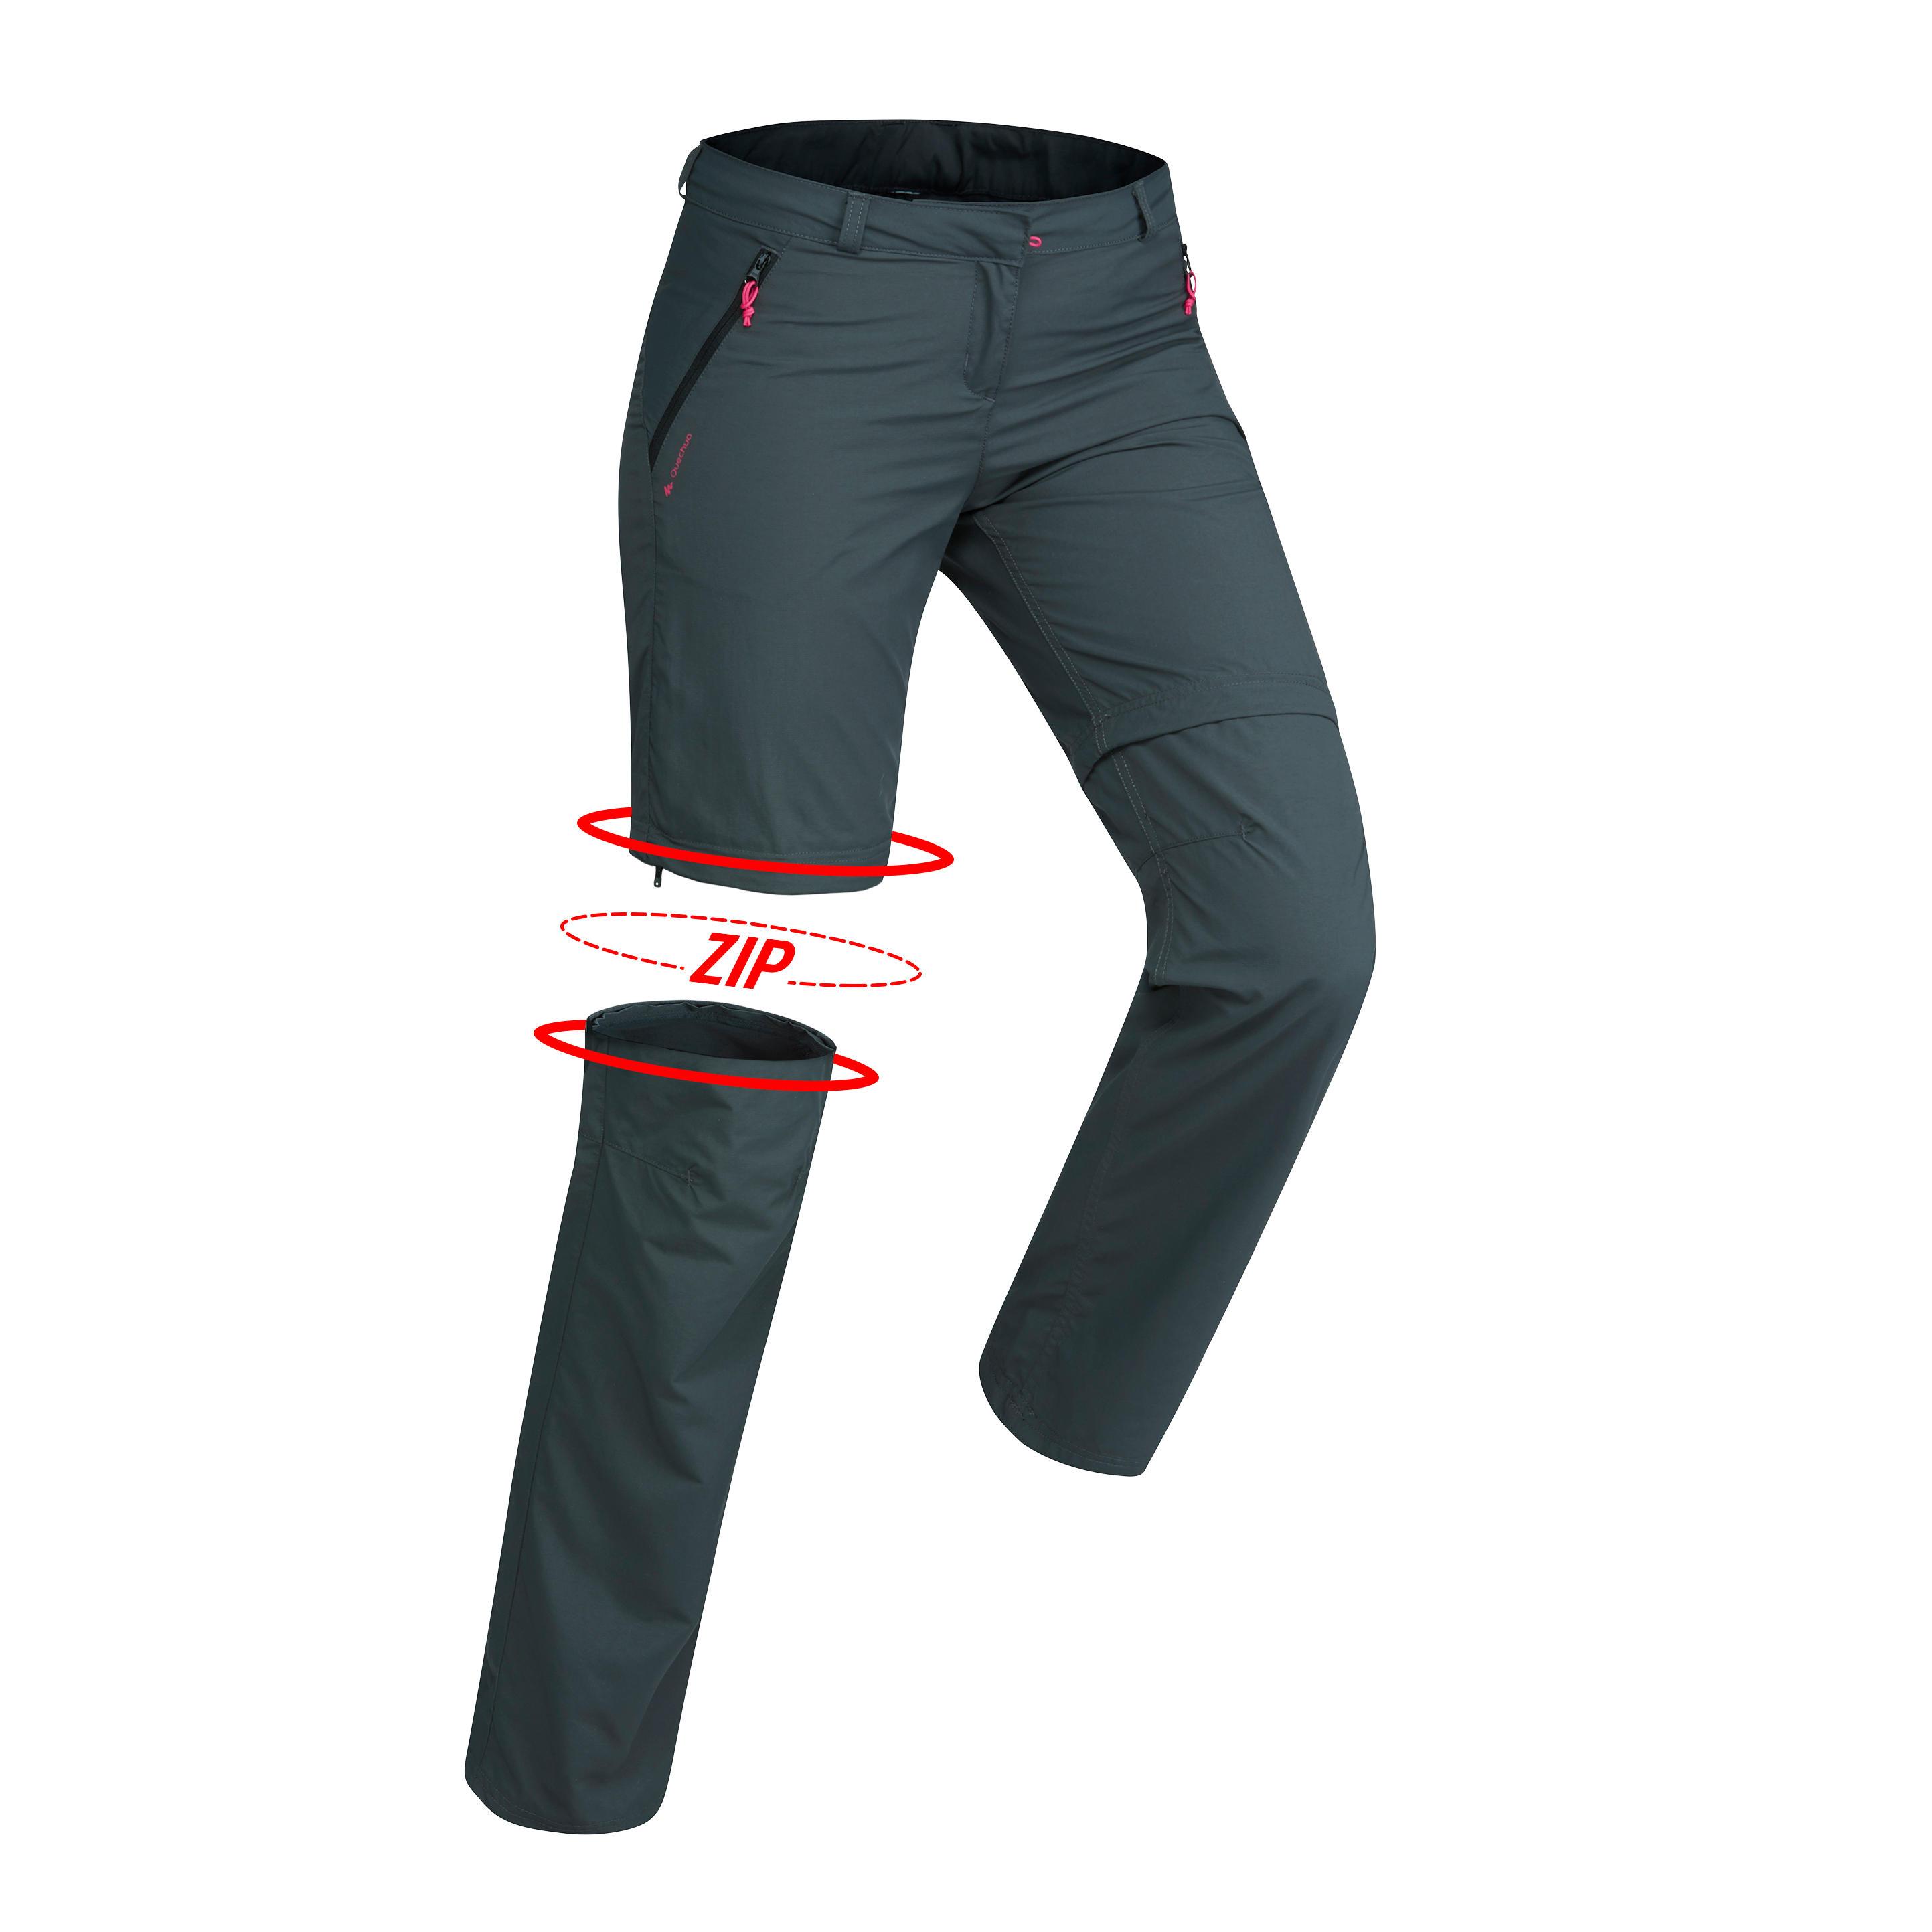 Damen Zip-Off-Hose Trek 100 Damen dunkelgrau | 03608439640001